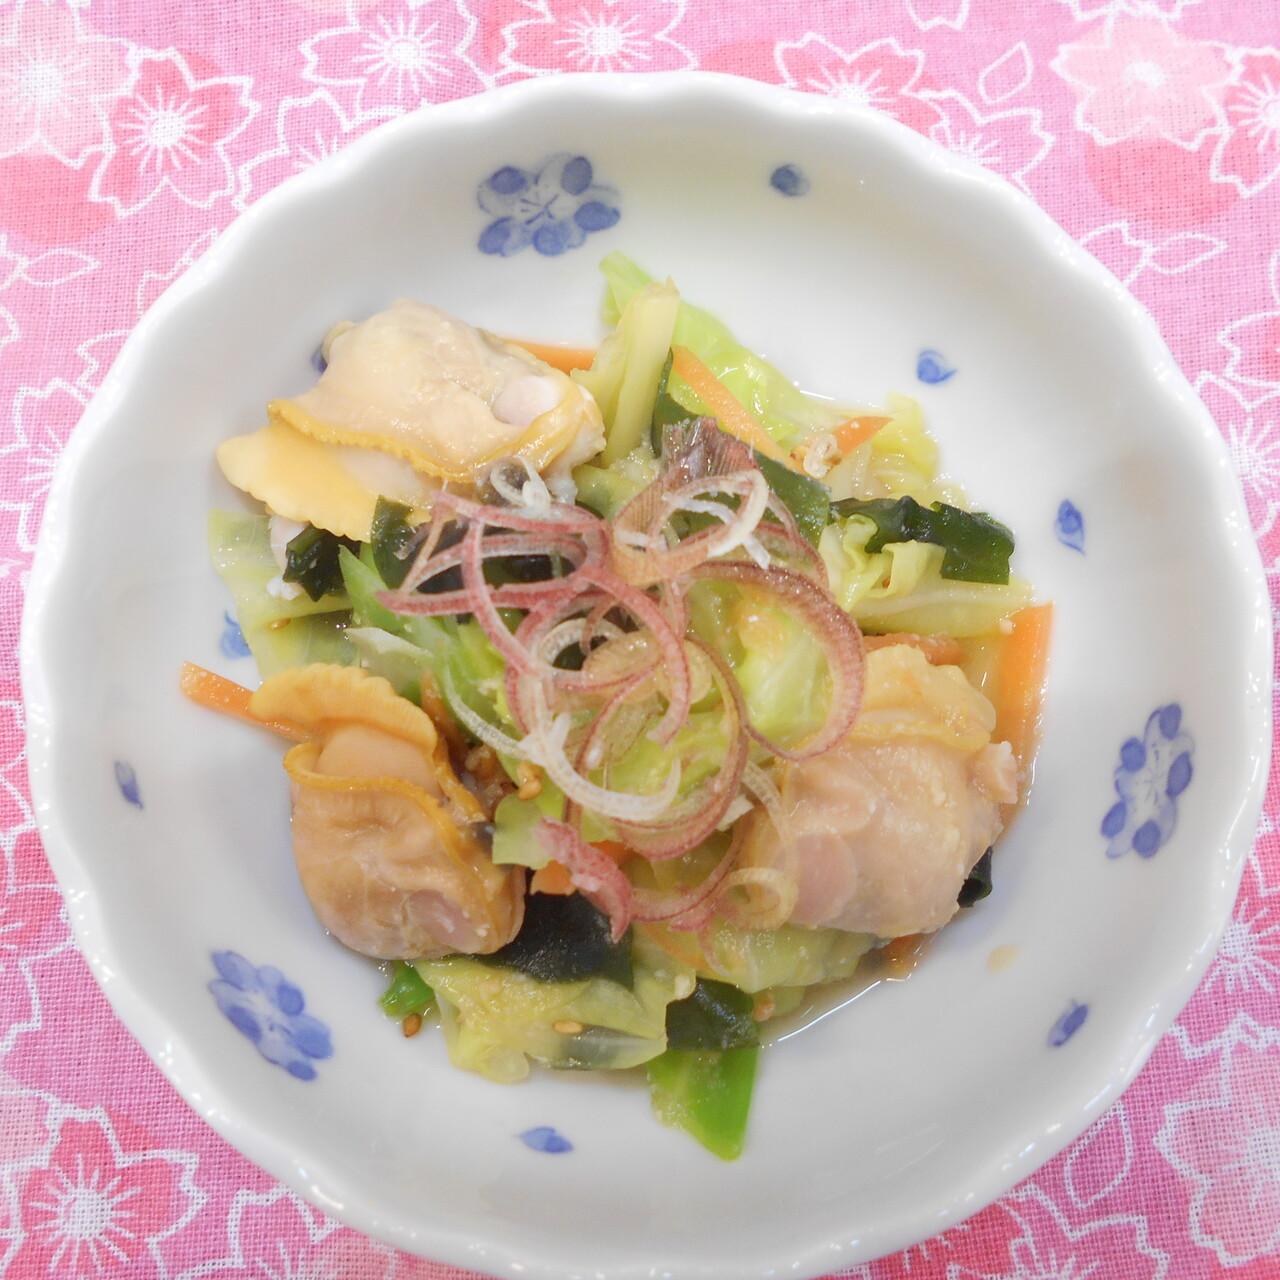 春キャベツとホンビノス貝の酢味噌和え